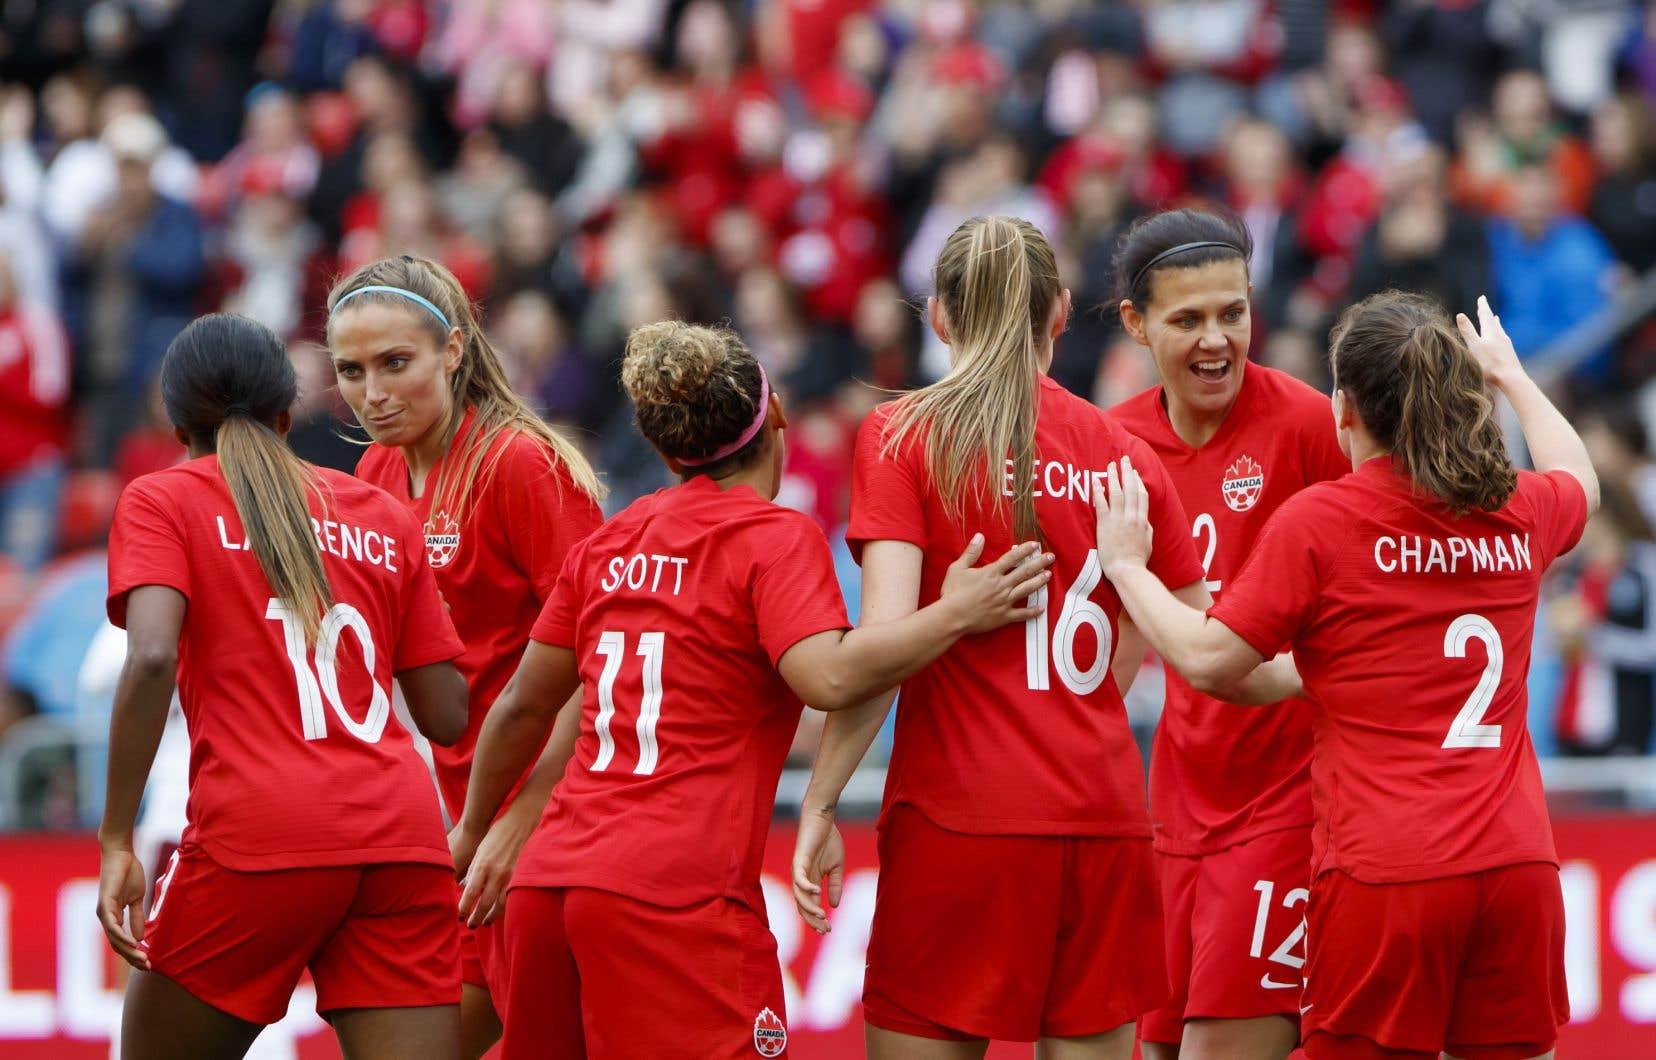 Le Canada et la Nouvelle-Zélande s'affronteront à nouveau àla Coupe du monde de soccer féminin.